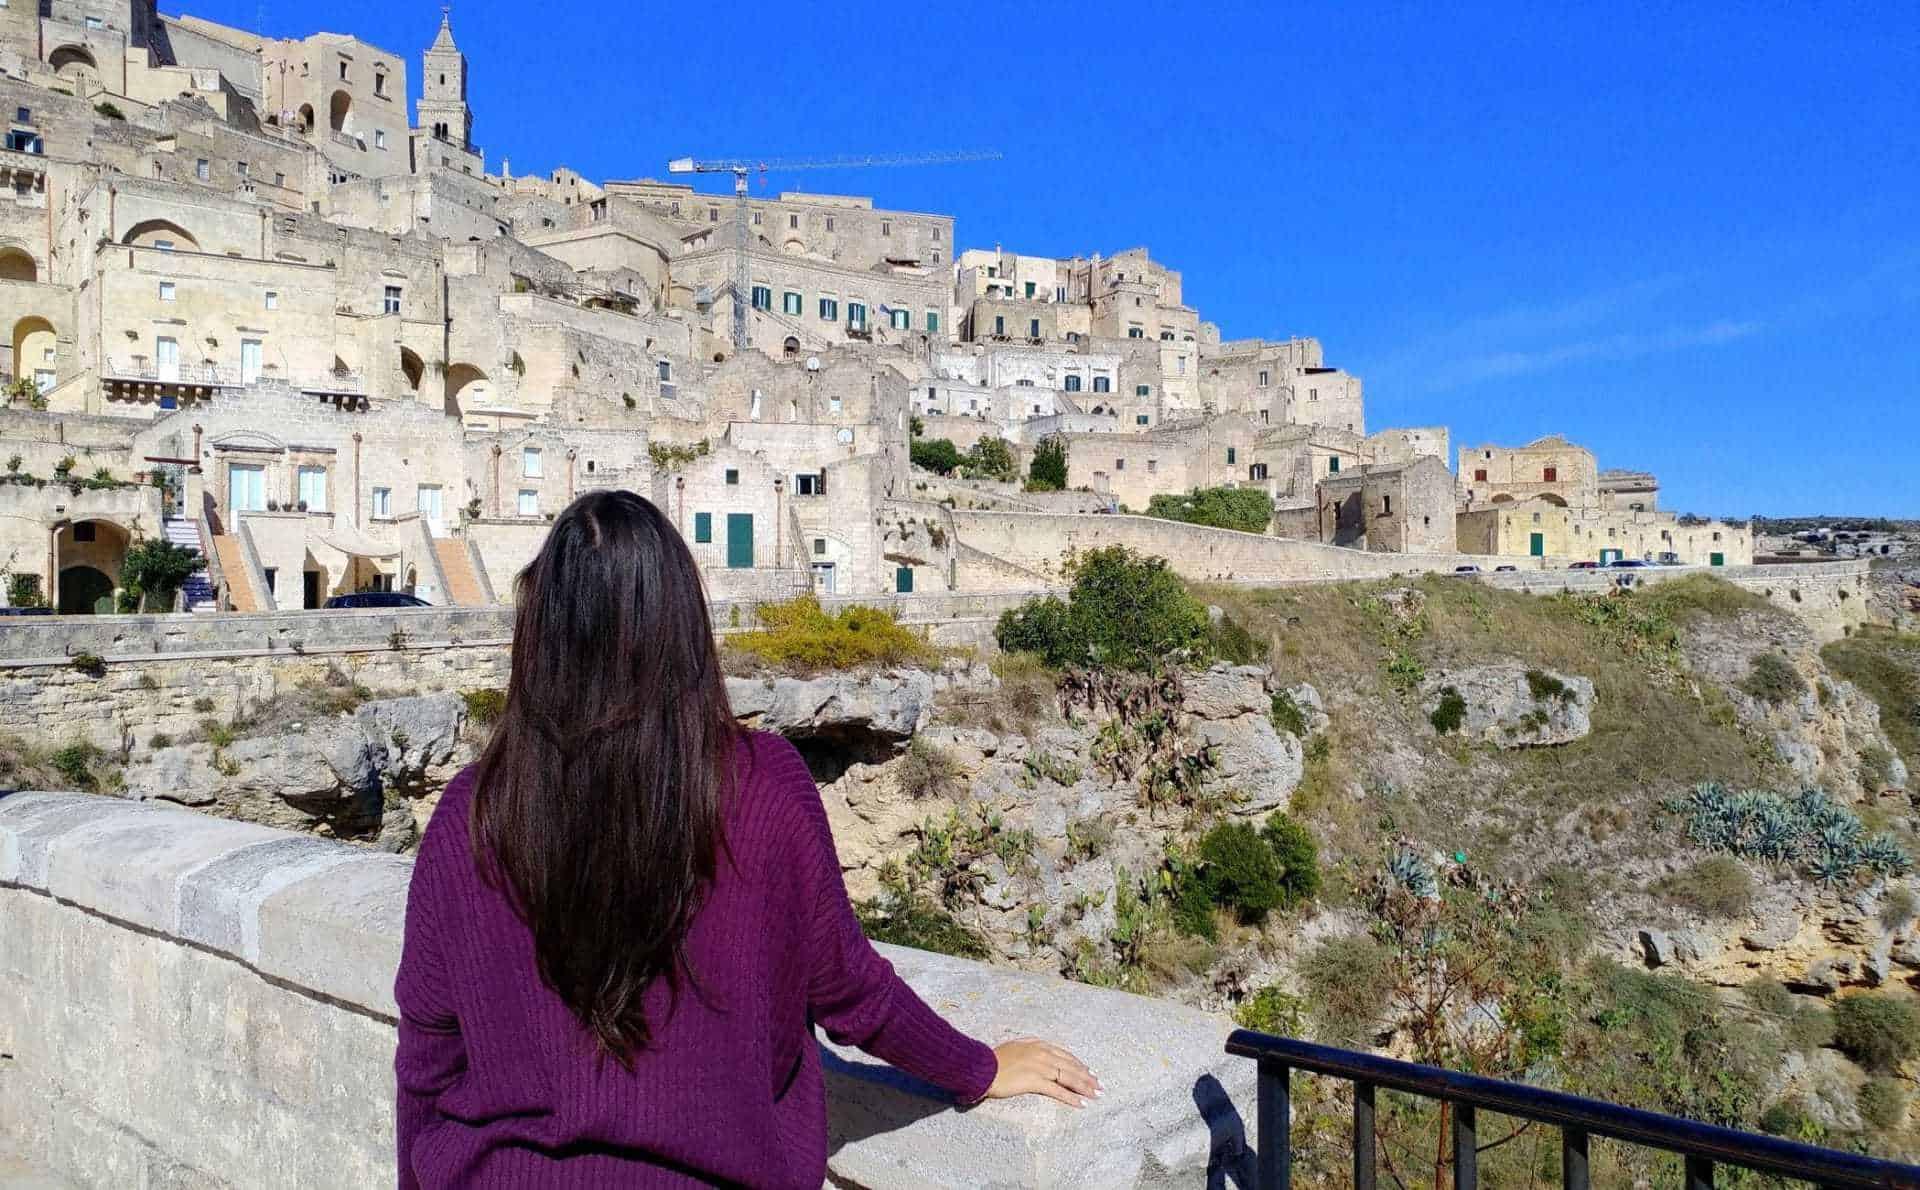 Best in Travel 2018: Matera tra le 10 città da visitare secondo la guida Lonely Planet